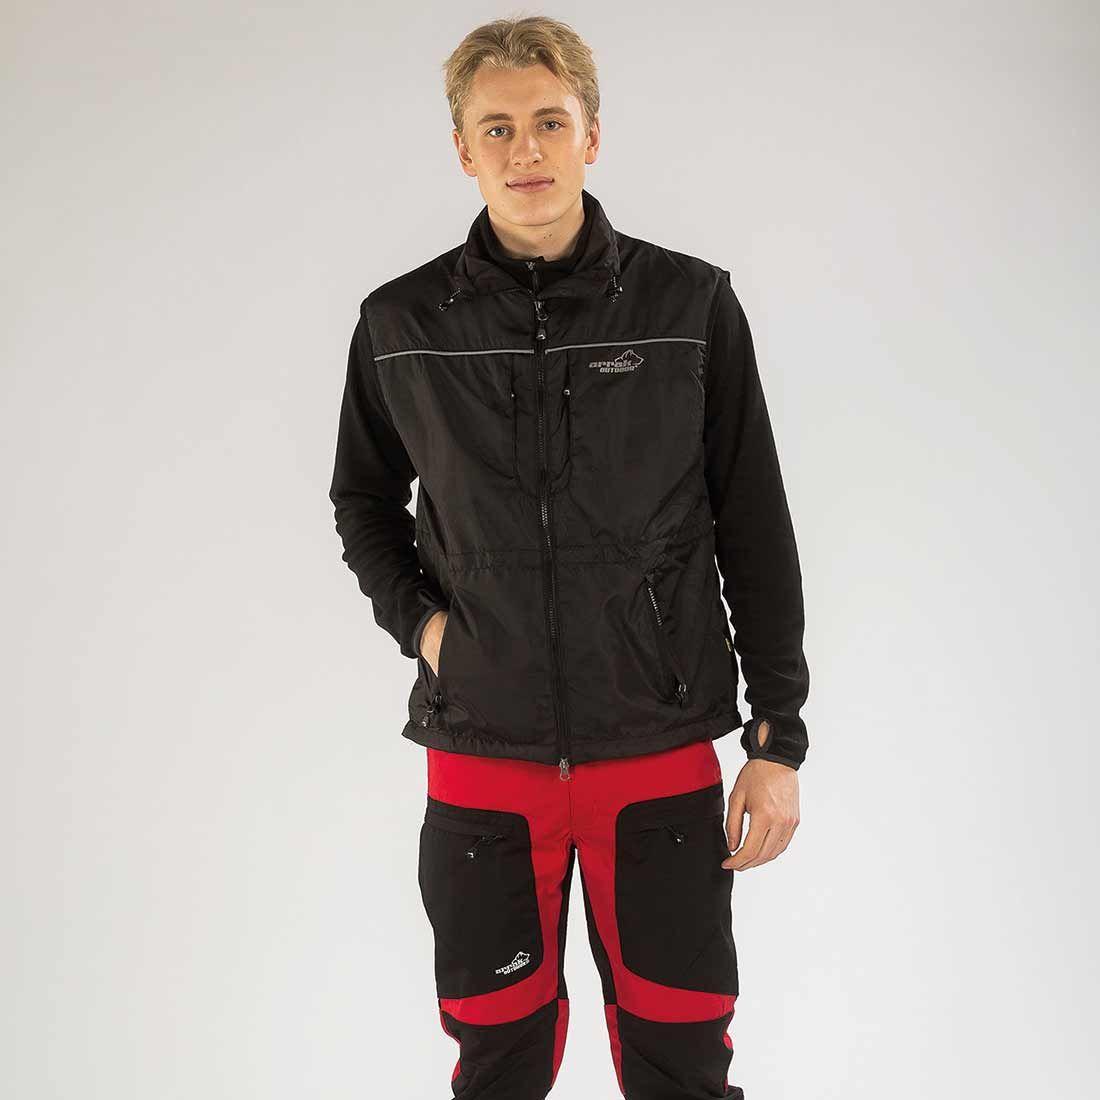 Arrak Jumper vest Black 4XL